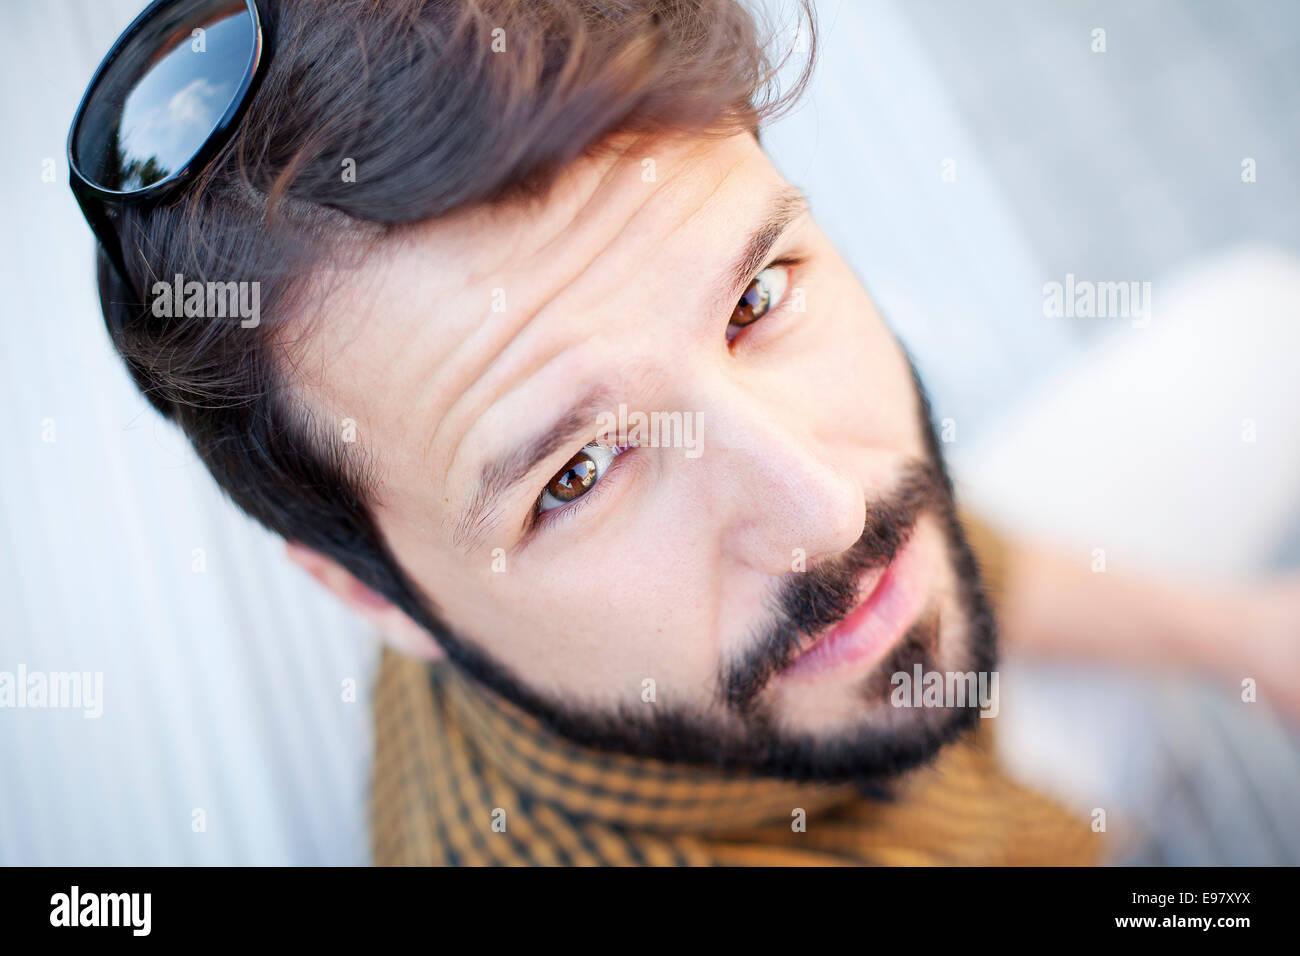 Portrait de jeune homme à barbe et cheveux brun Photo Stock